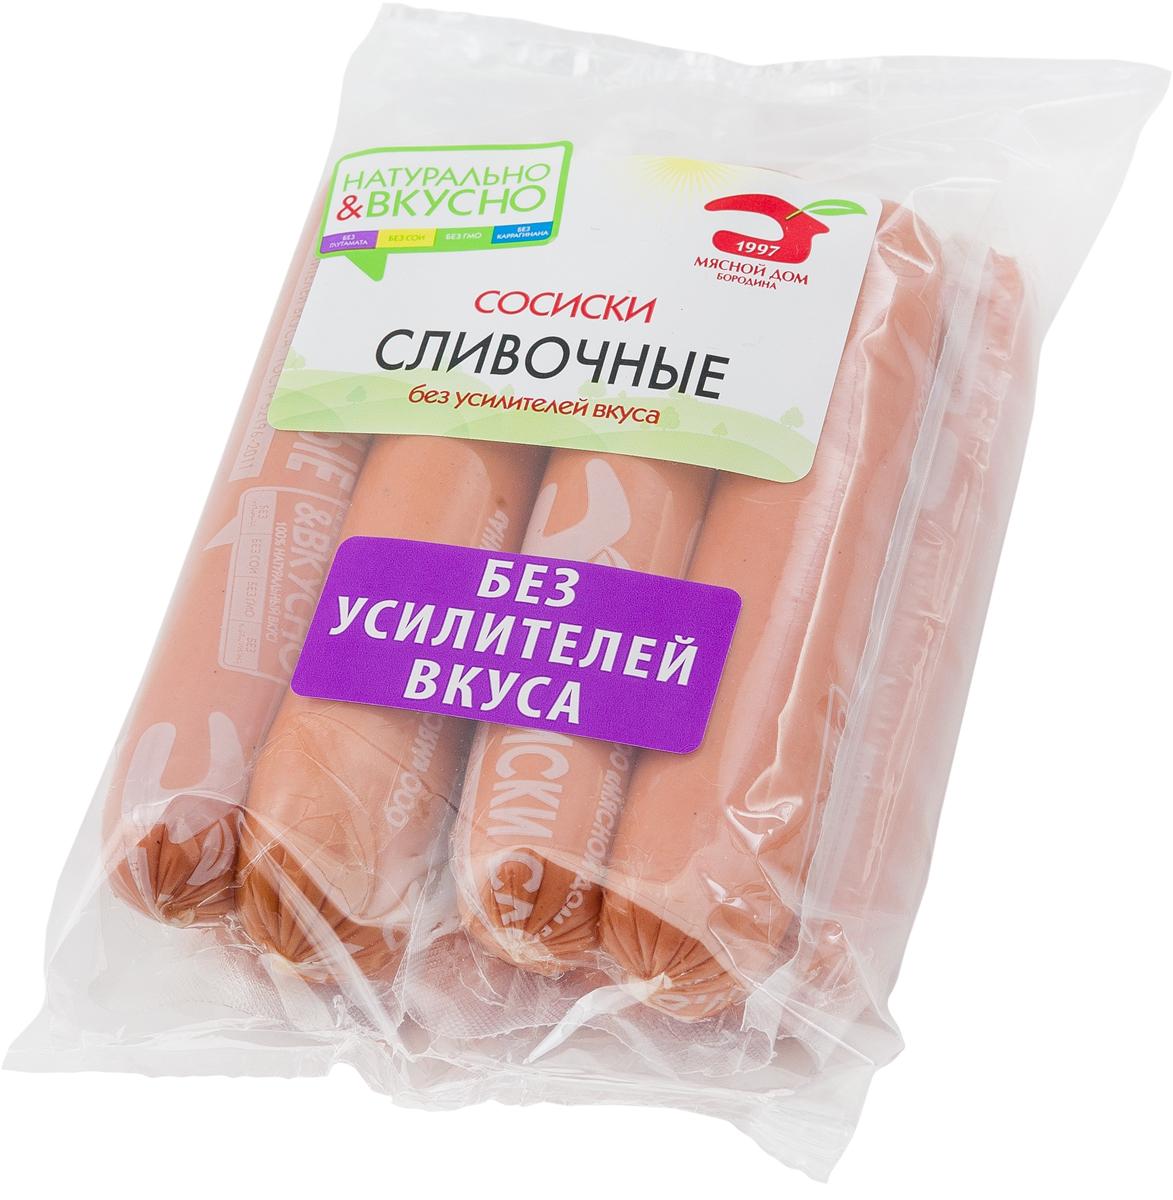 МД Бородина Сливочные сосиски, 480 г1178Сосиски вареные Сливочные 480г. Мясной продукт категории Б. Колбасное изделие охлажденное